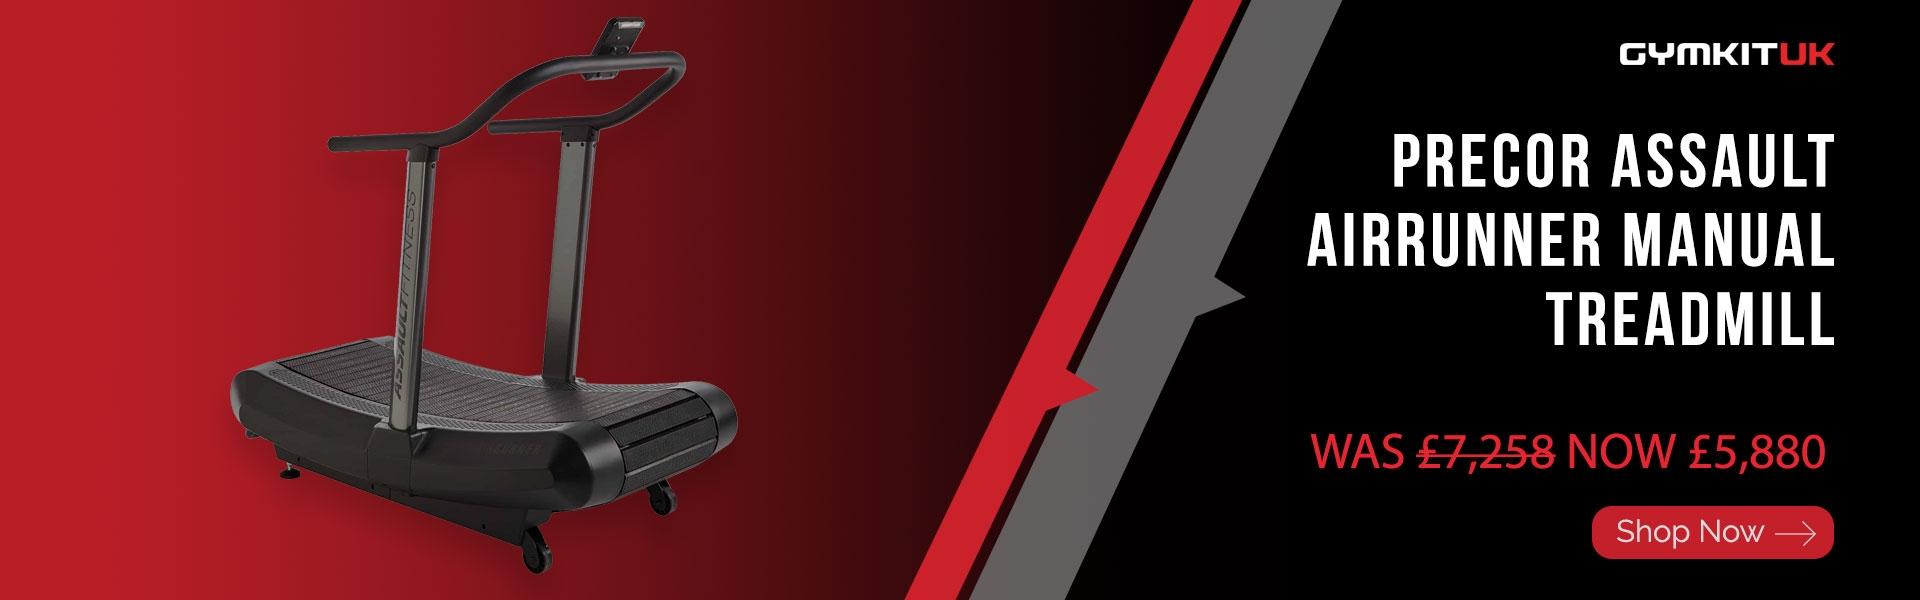 Precor Assault AirRunner Manual Treadmill